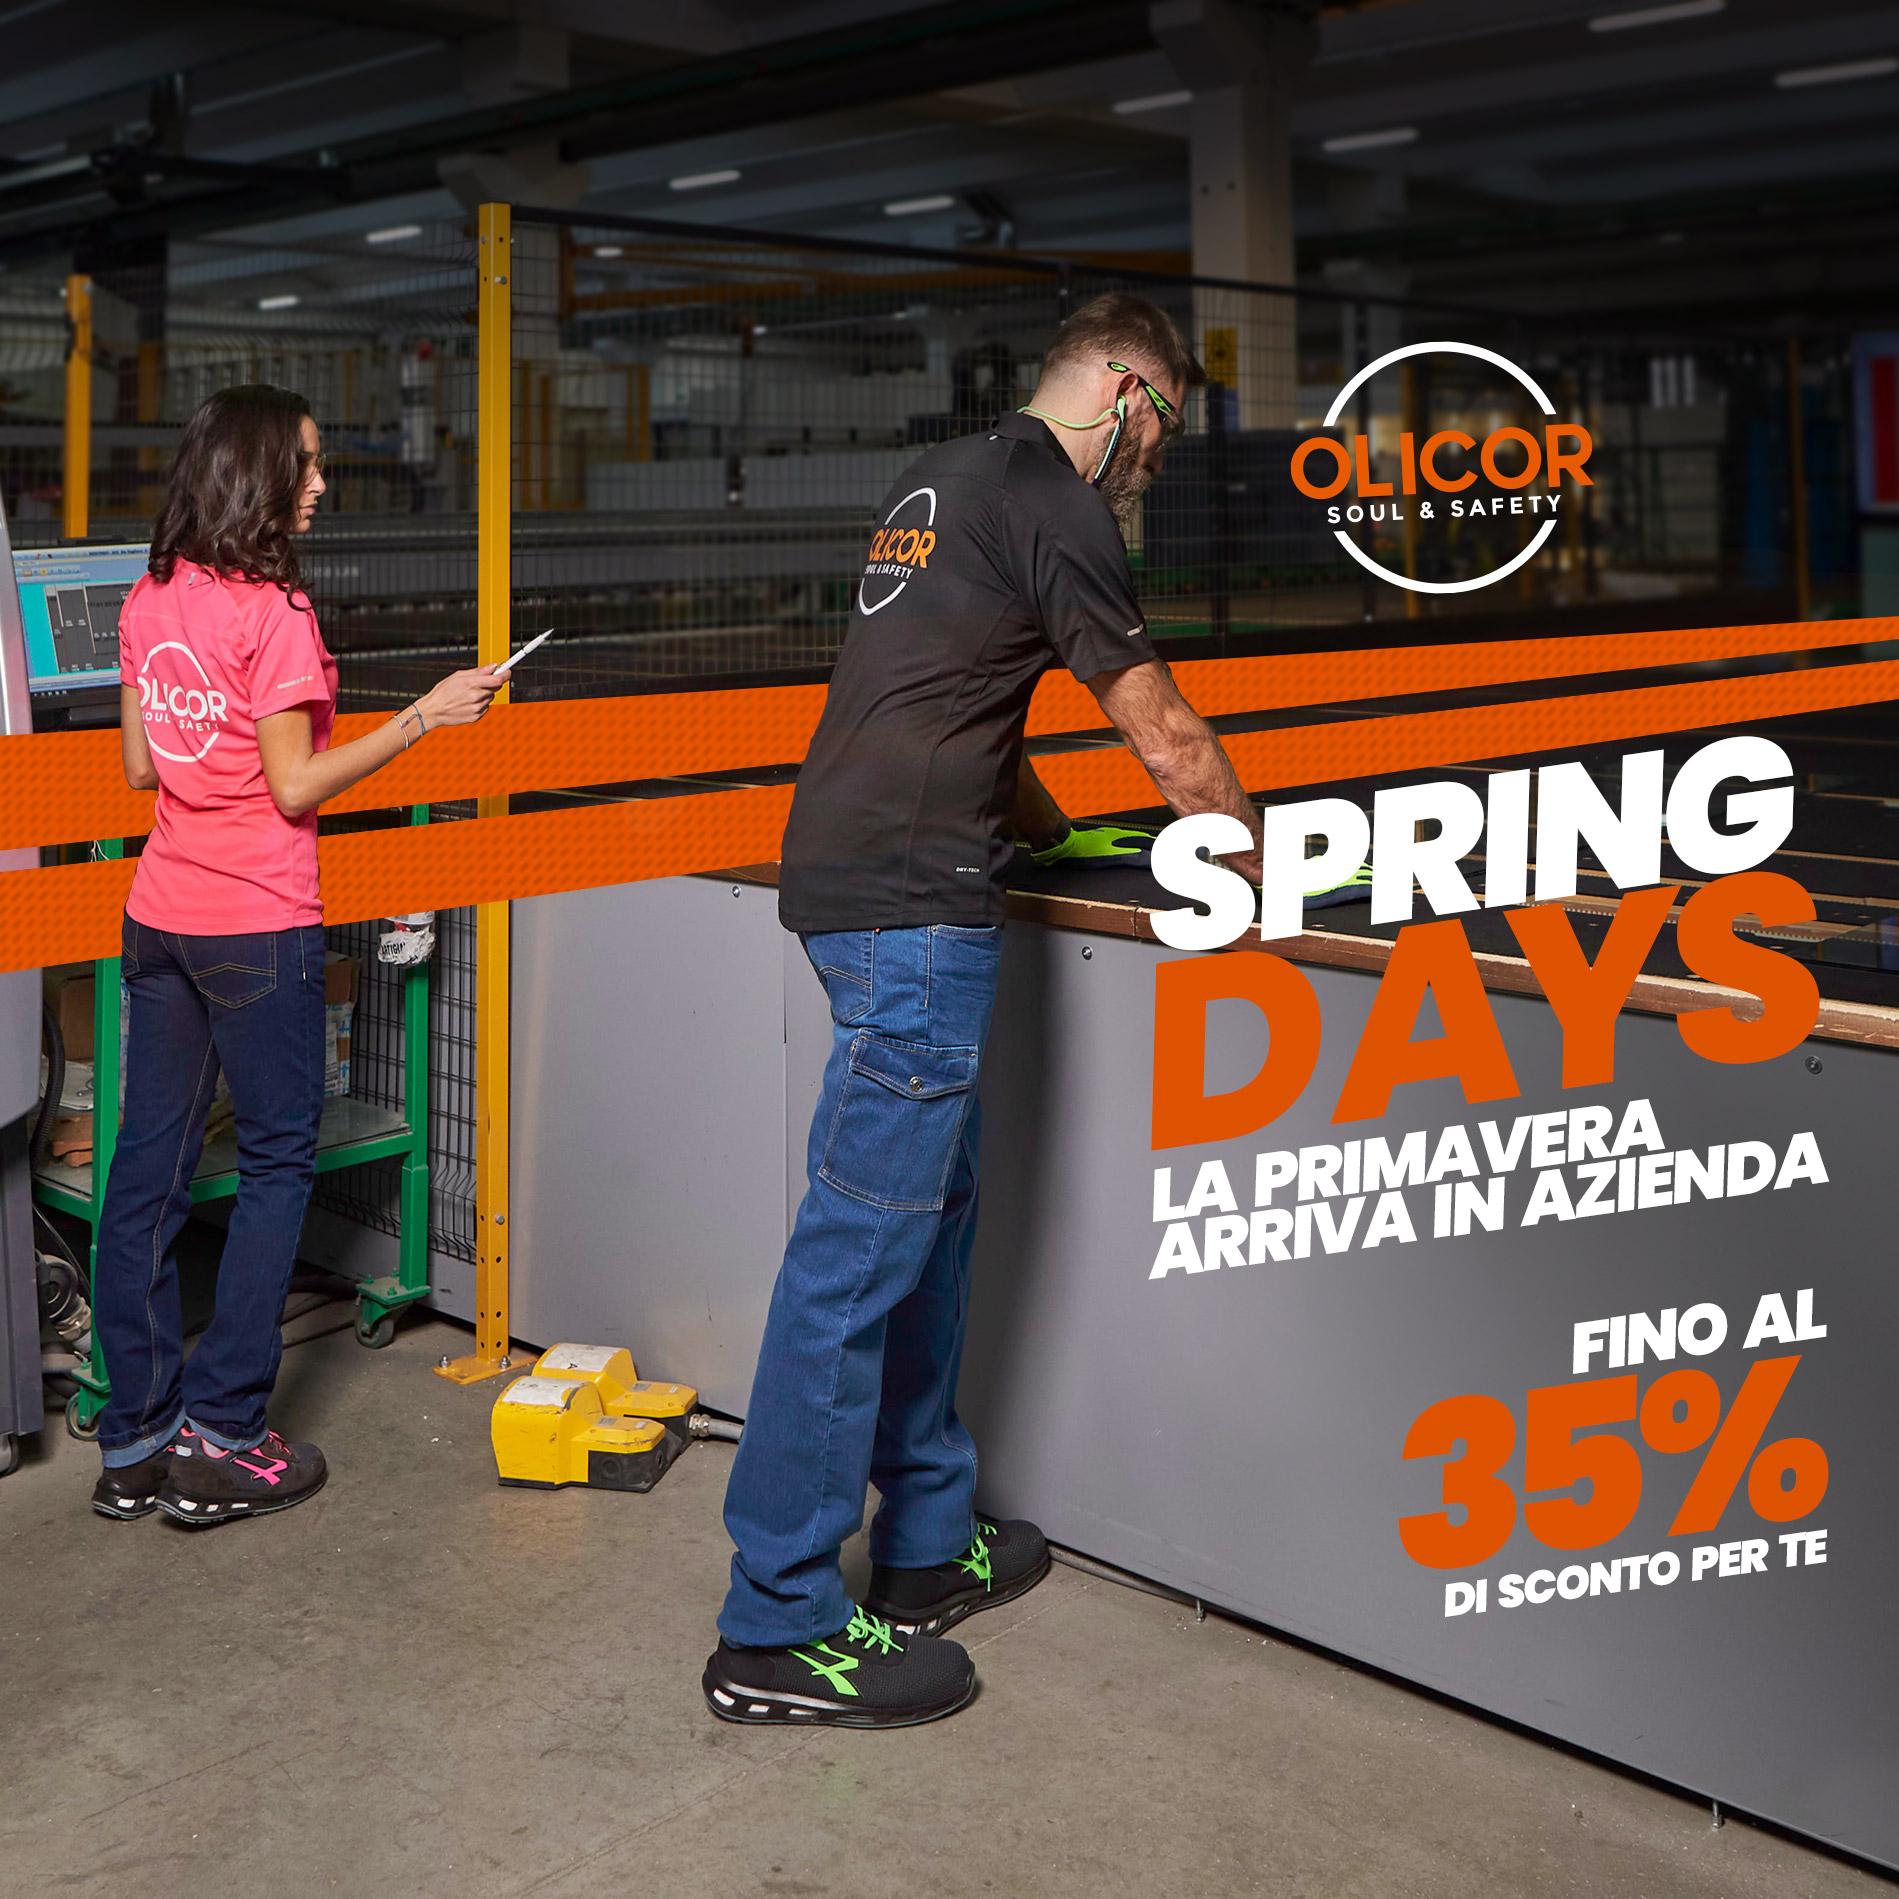 Nuova linea di abbigliamento Primavera Estate con sconti fino al 35%